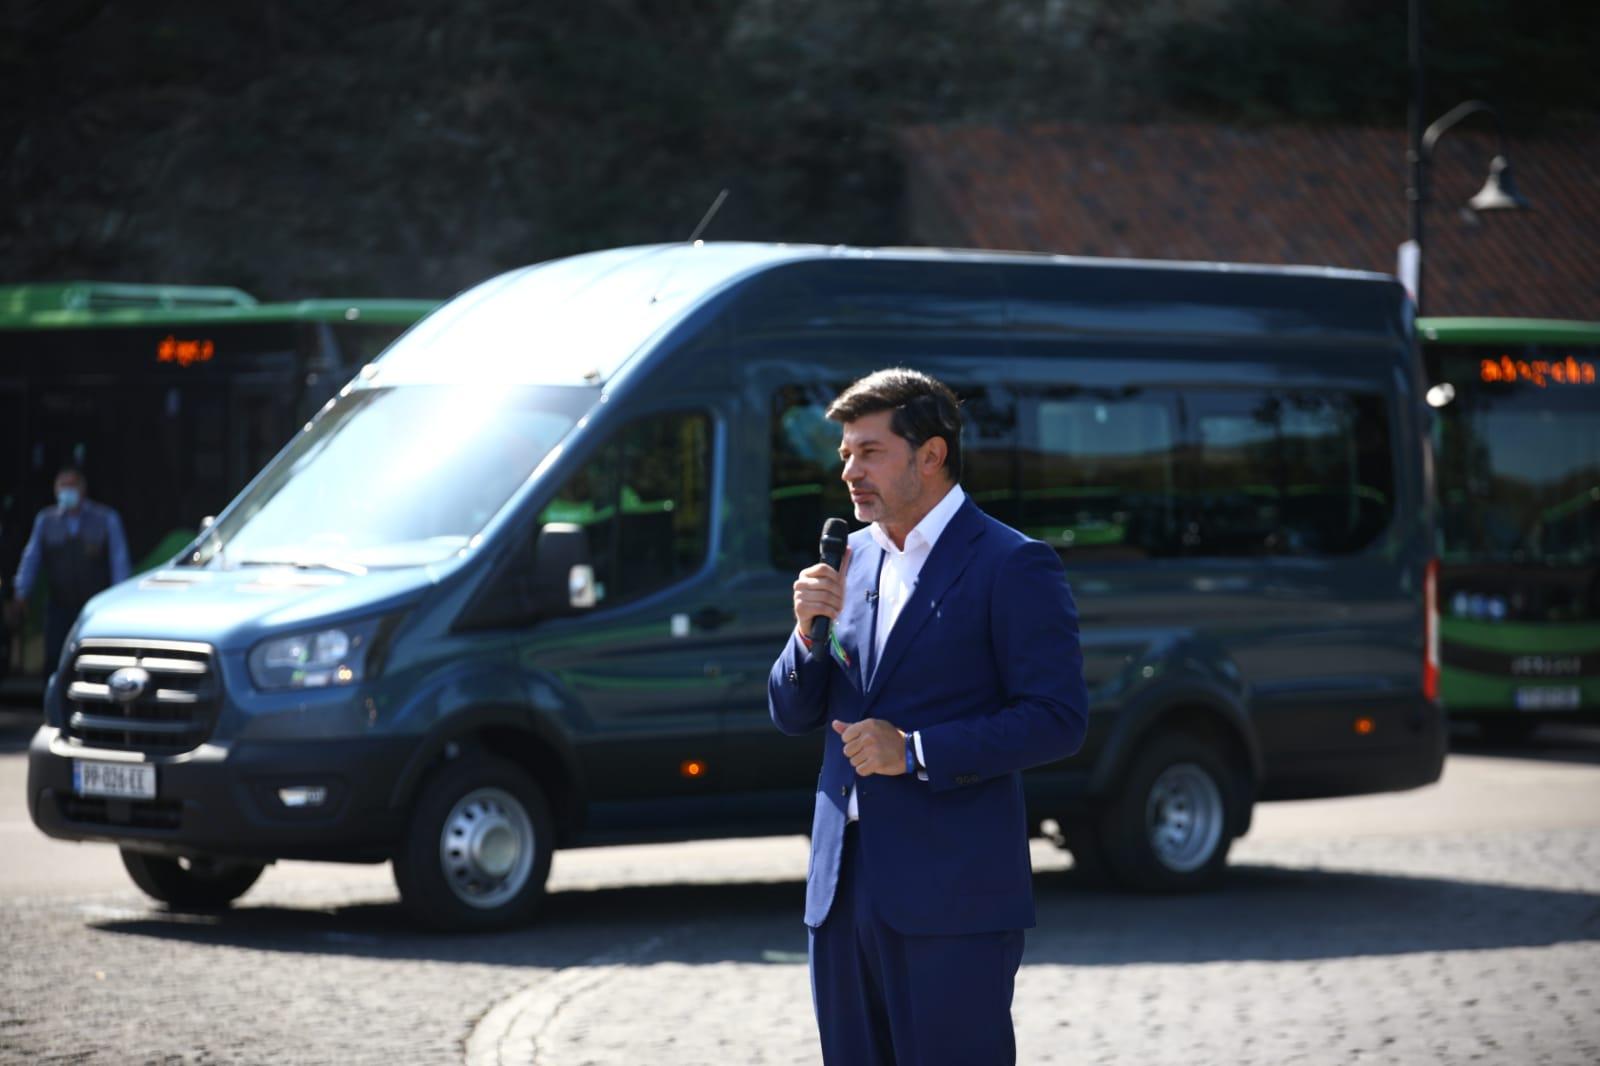 23 სექტემბრიდან დედაქალაქის მოსახლეობას მიკროავტობუსების ახალი მარშრუტები მოემსახურება